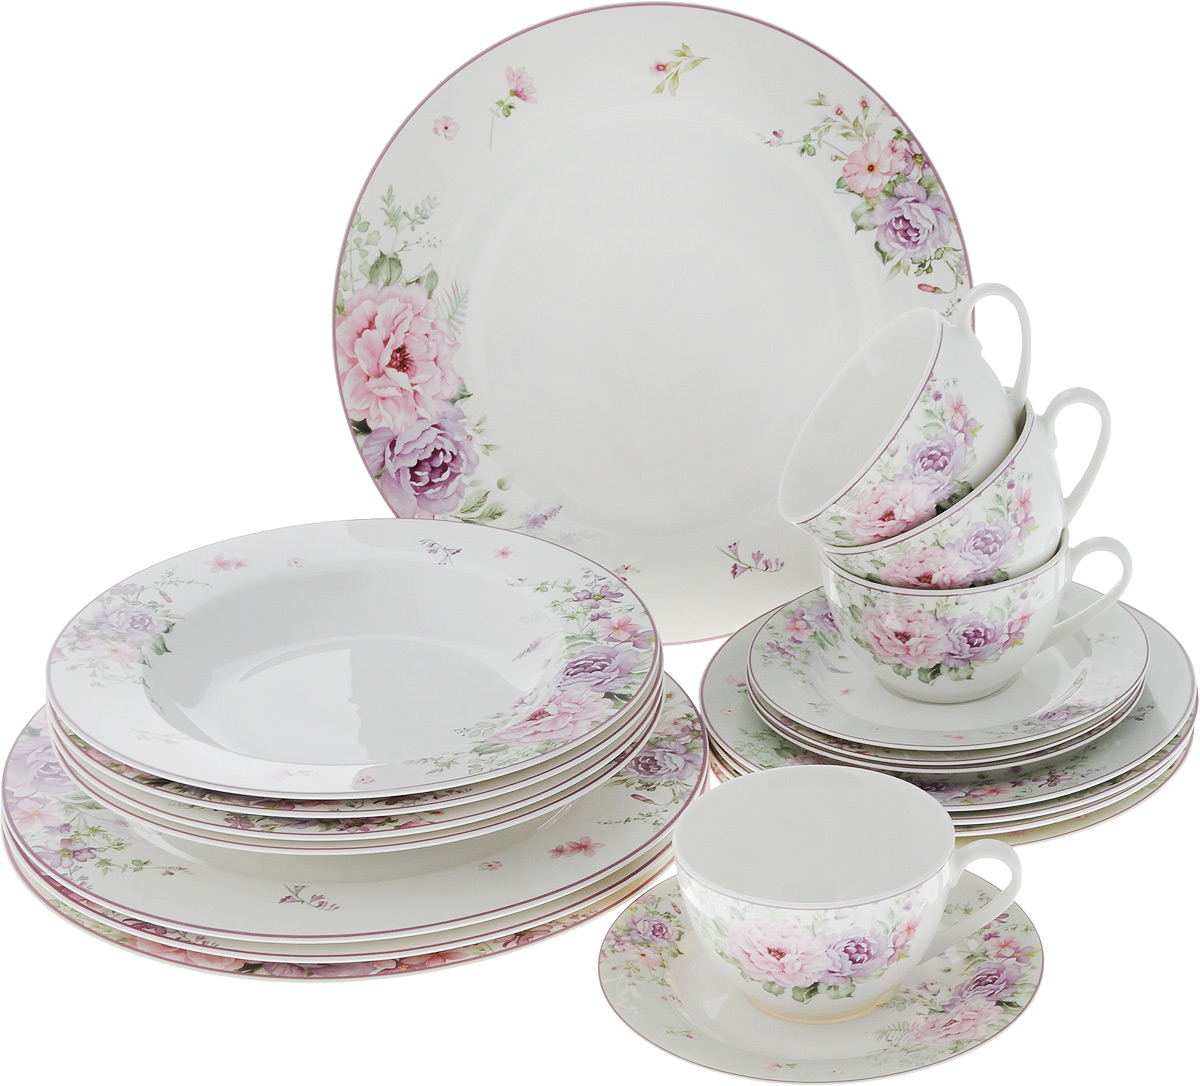 Набор столовой посуды Сиреневые цветы, 20 предметов. 16-33654 009312Набор столовой посуды Сиреневые цветы состоит из 4 обеденных тарелок, 4 суповых тарелок, 4 десертных тарелок, 4 блюдец и 4 чашек. Изделия выполнены из фарфора и дополнены изысканным цветочным рисунком. Посуда отличается прочностью, гигиеничностью и долгим сроком службы, она устойчива к появлению царапин. Такой набор прекрасно подойдет как для повседневного использования, так и для праздников или особенных случаев. Такой набор столовой посуды - это не только яркий и полезный подарок для родных и близких, а также великолепное дизайнерское решение для вашей кухни или столовой. Можно использовать в микроволновой печи и мыть в посудомоечной машине. Диаметр суповой тарелки: 23 см. Высота суповой тарелки: 3 см.Диаметр обеденной тарелки: 27 см. Диаметр десертной тарелки: 19 см. Диаметр блюдца: 15,5 см. Объем чашки: 250 мл.Диаметр чашки (по верхнему краю): 9,5 см.Высота чашки: 6 см.